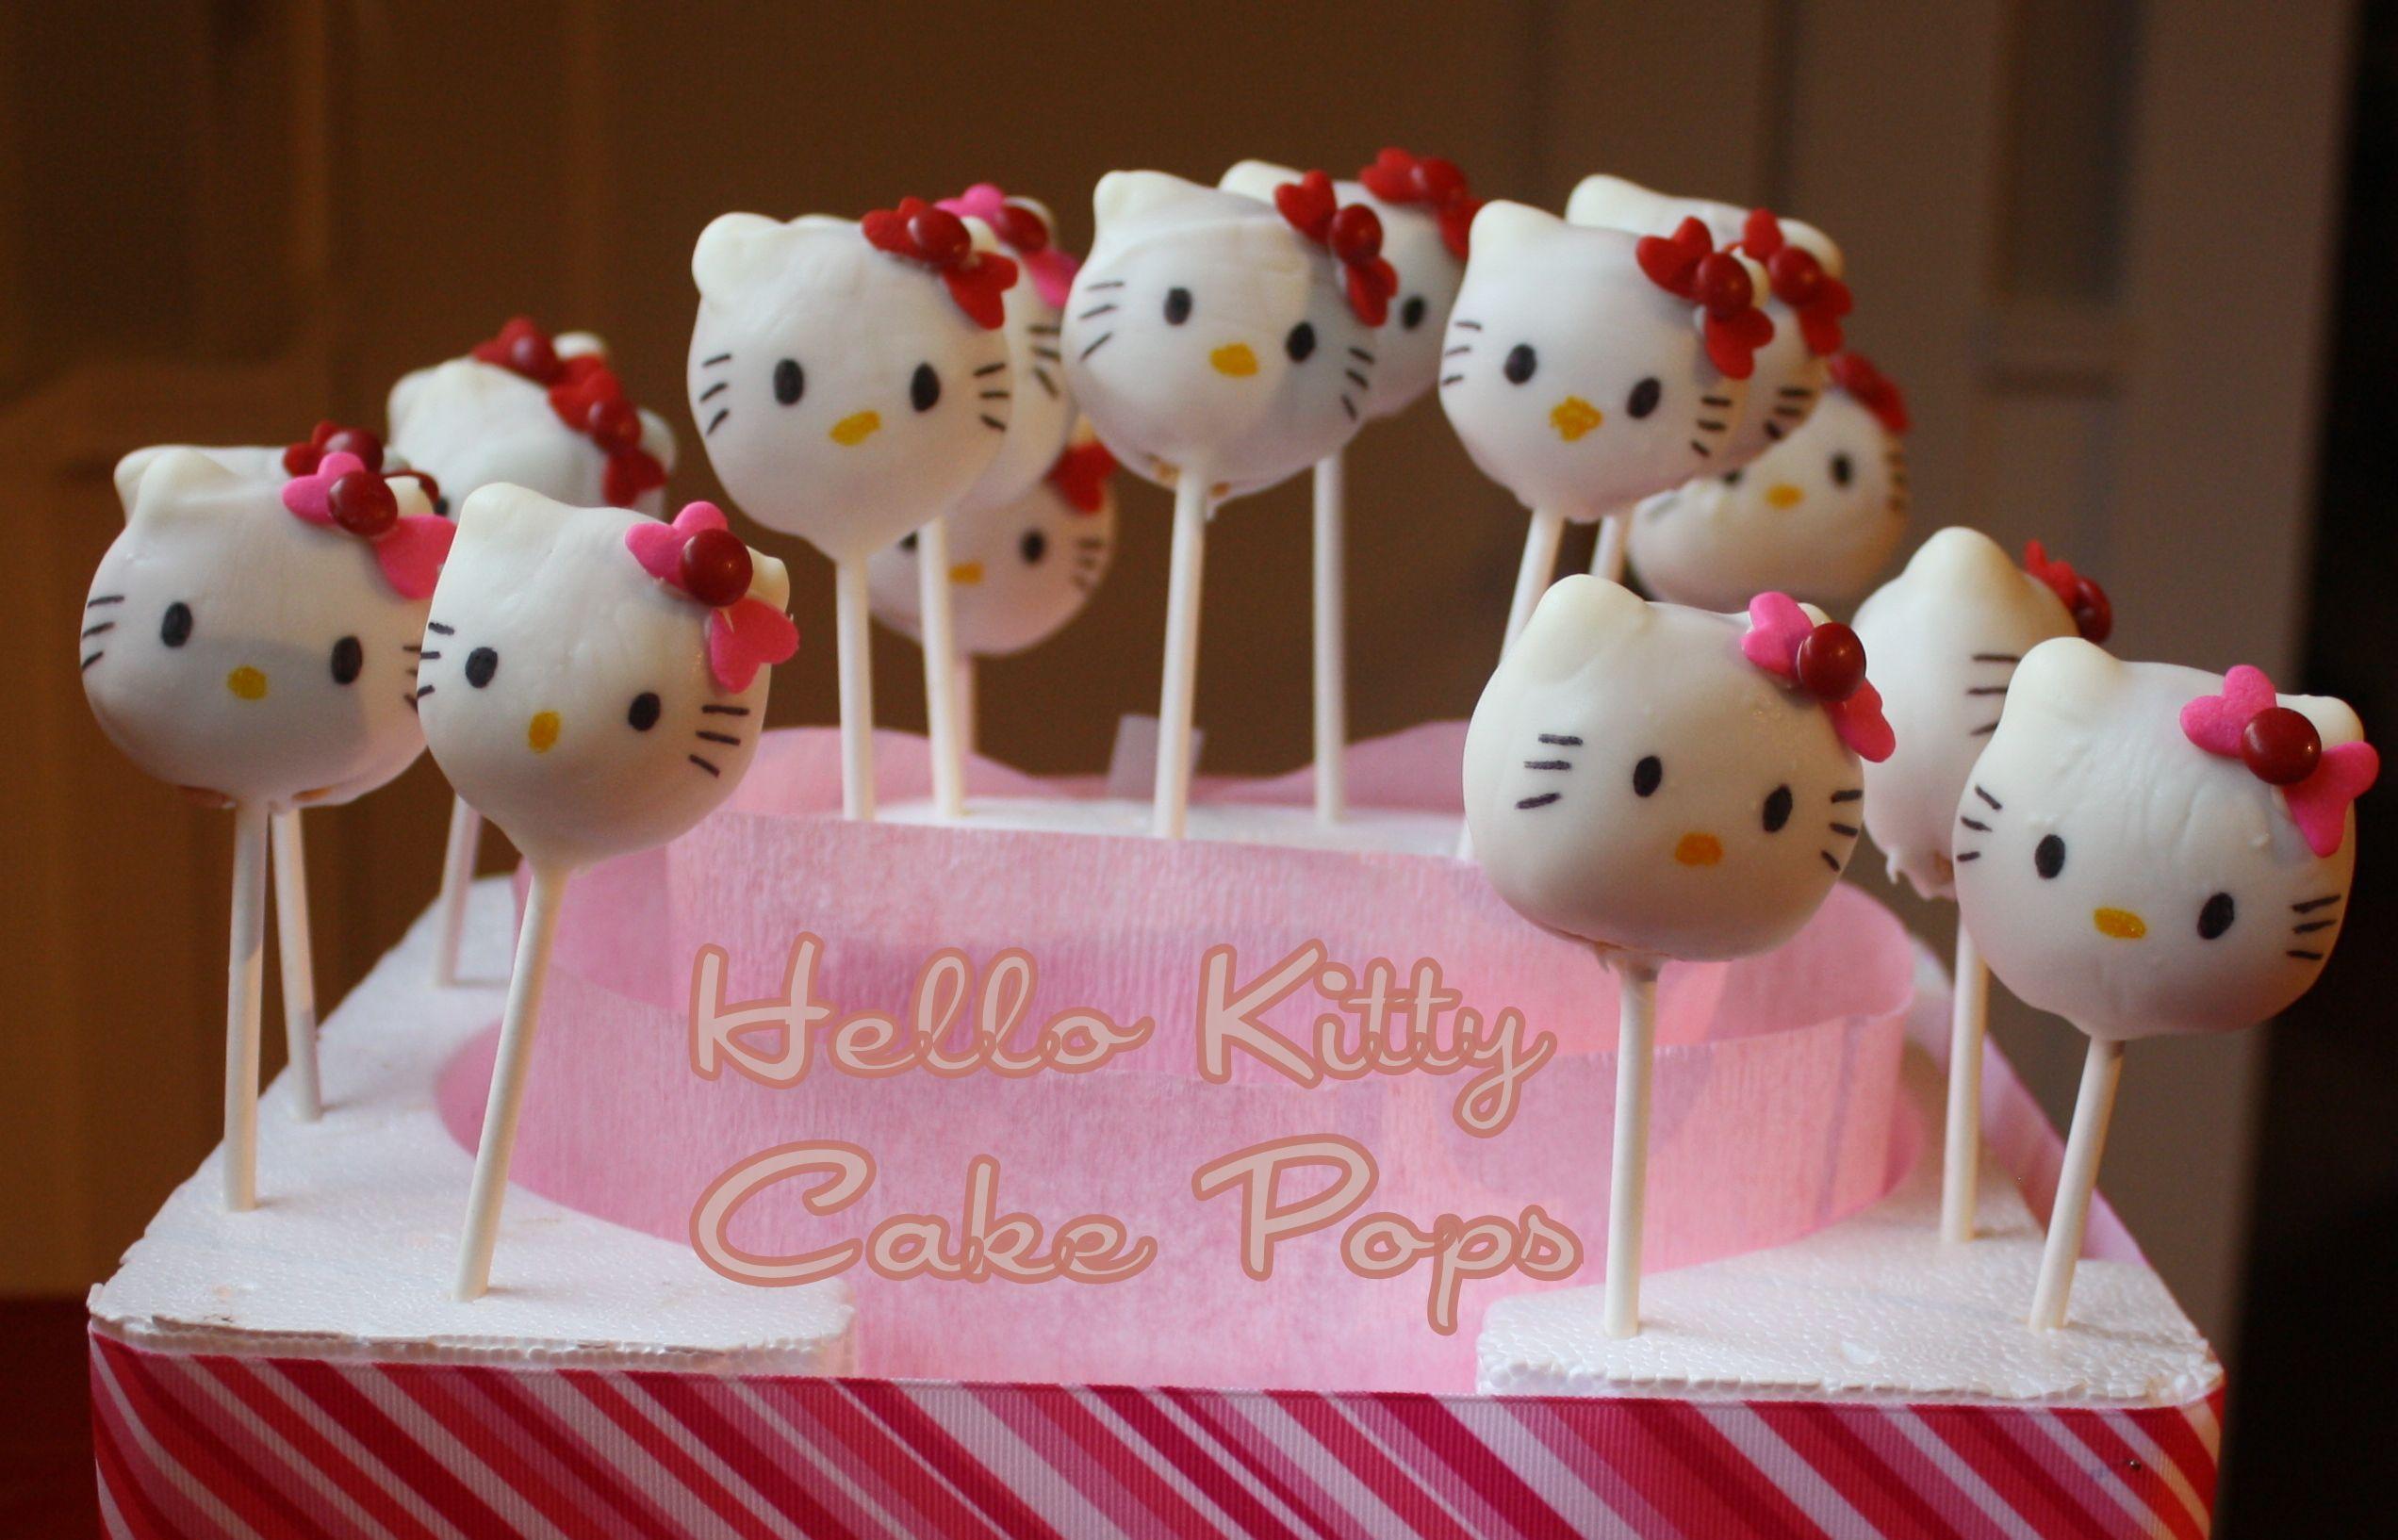 HelloKittyCakePopsjpg 25441634 pixels Kids cakes